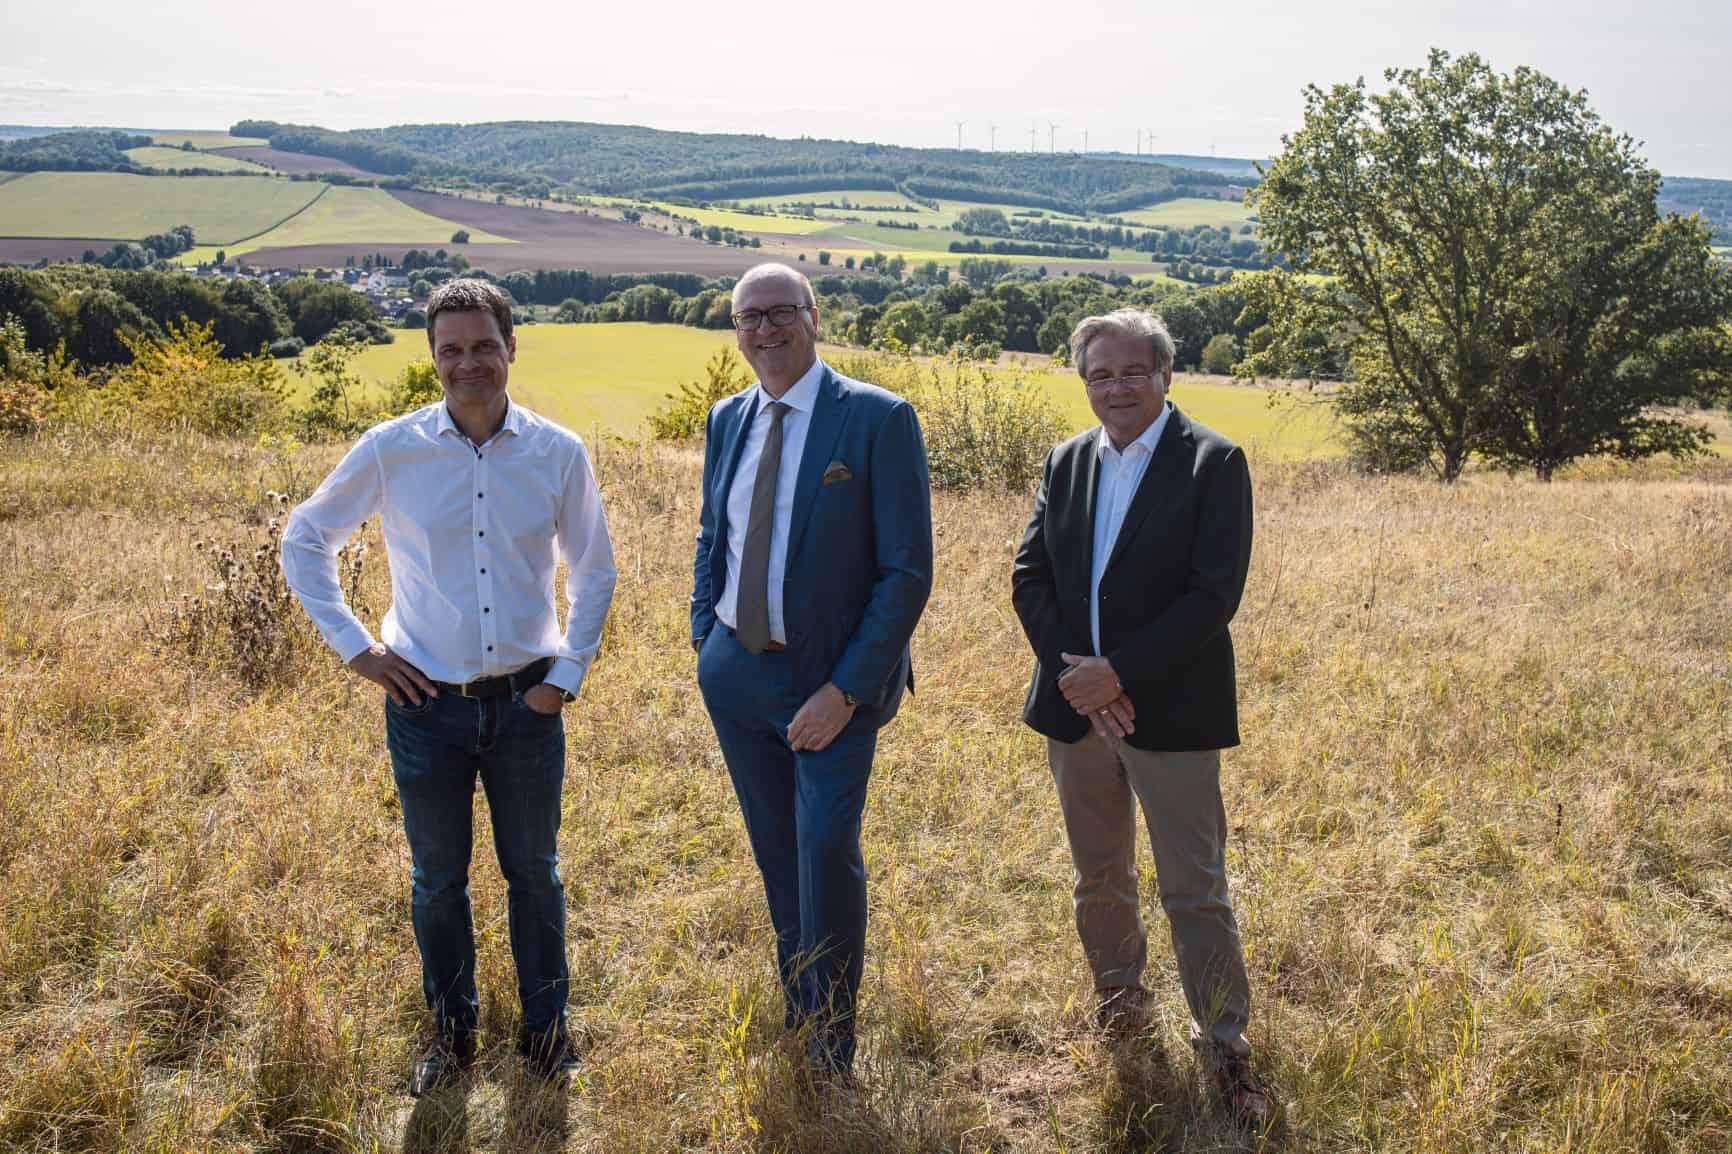 Die Köpfe hinter der Einheitsuhr Thilo Mühle, John van Steen und Manfred Brassler